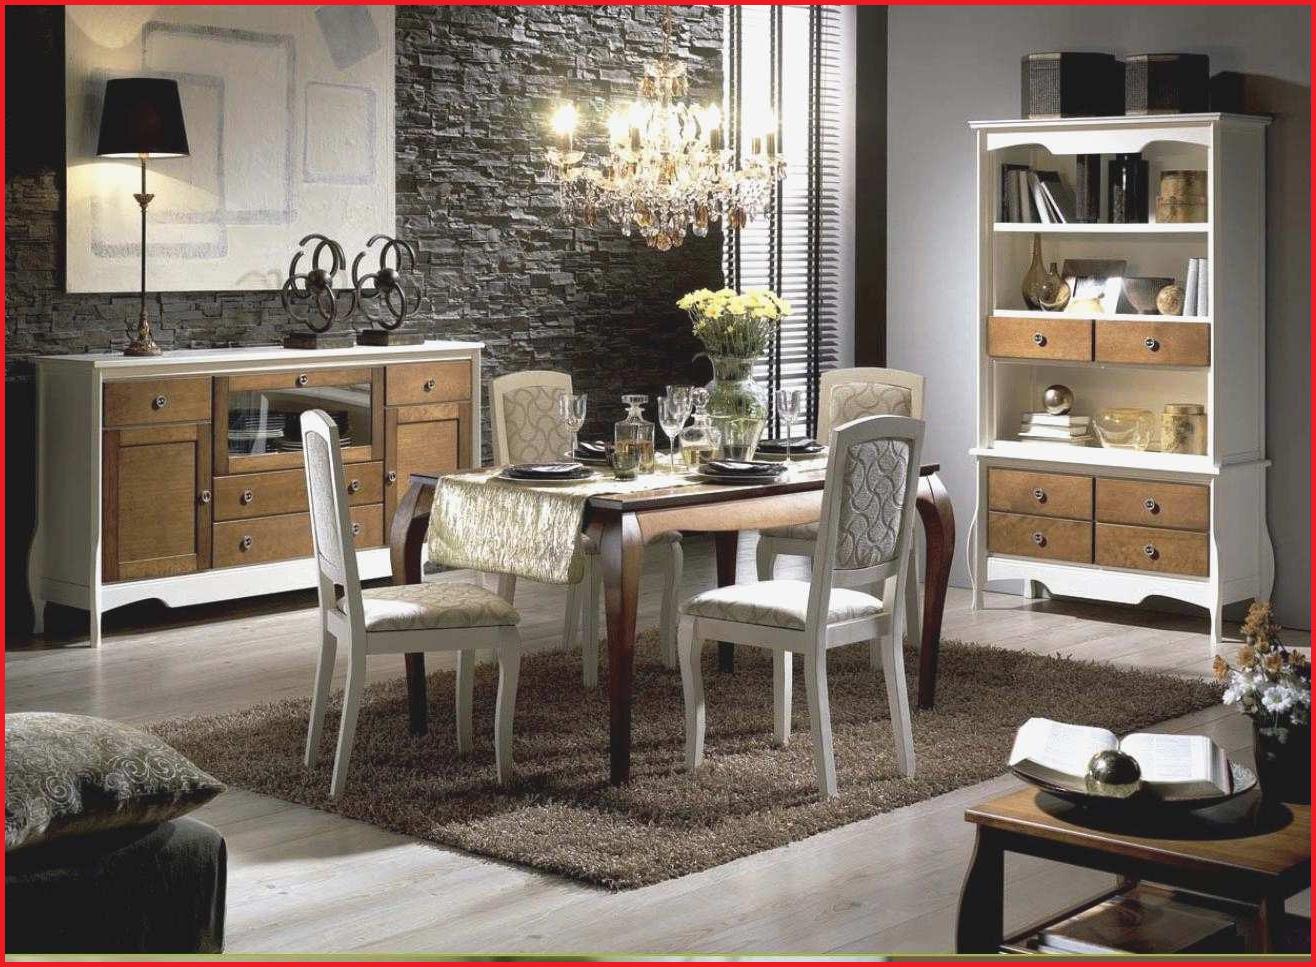 Muebles De Salon Clasicos Precios S1du Muebles Clasicos De Salon 43 Muebles De Salon Clasicos Precios